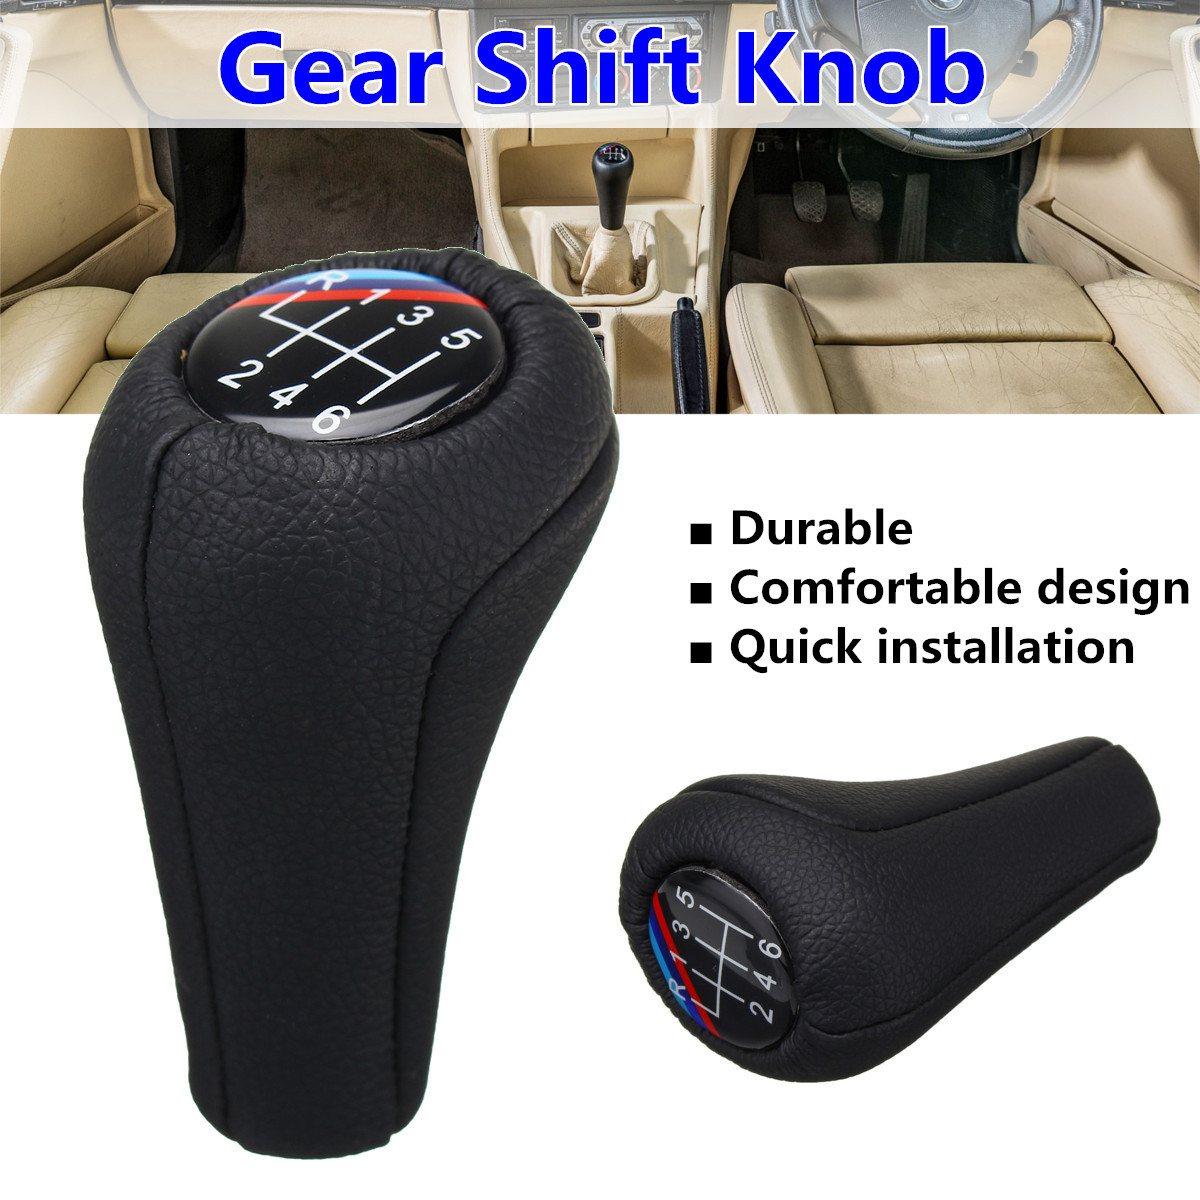 Couro Velocidade 5 6 Velocidade Manual de Engrenagem Do Carro Alavanca de Câmbio Para BMW E92 E91 E90 E60 E46 E39 E36 M3 m5 M6